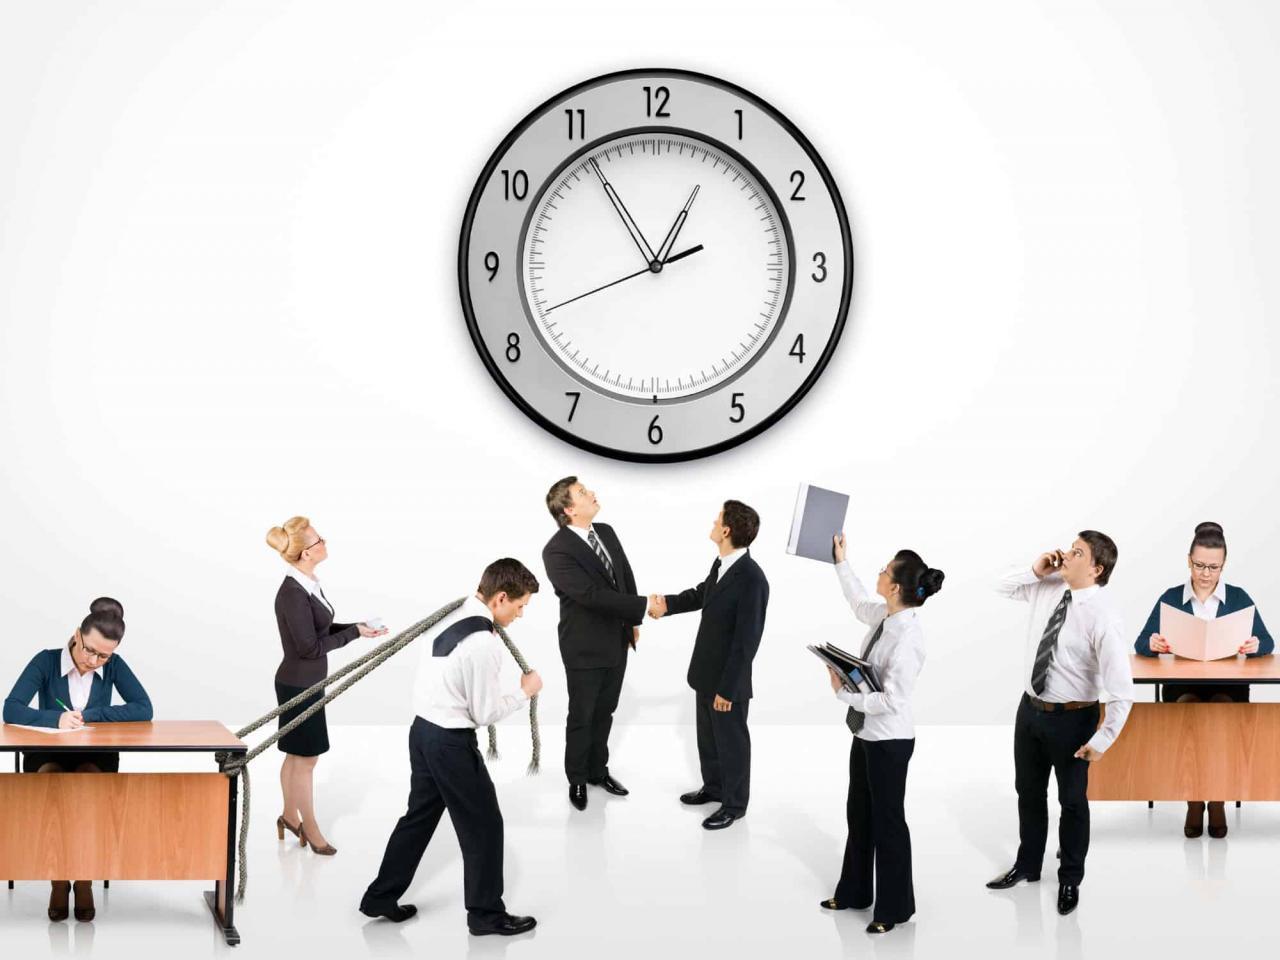 صورة طرق تنظيم الوقت , اهميه تنظيم الوقت